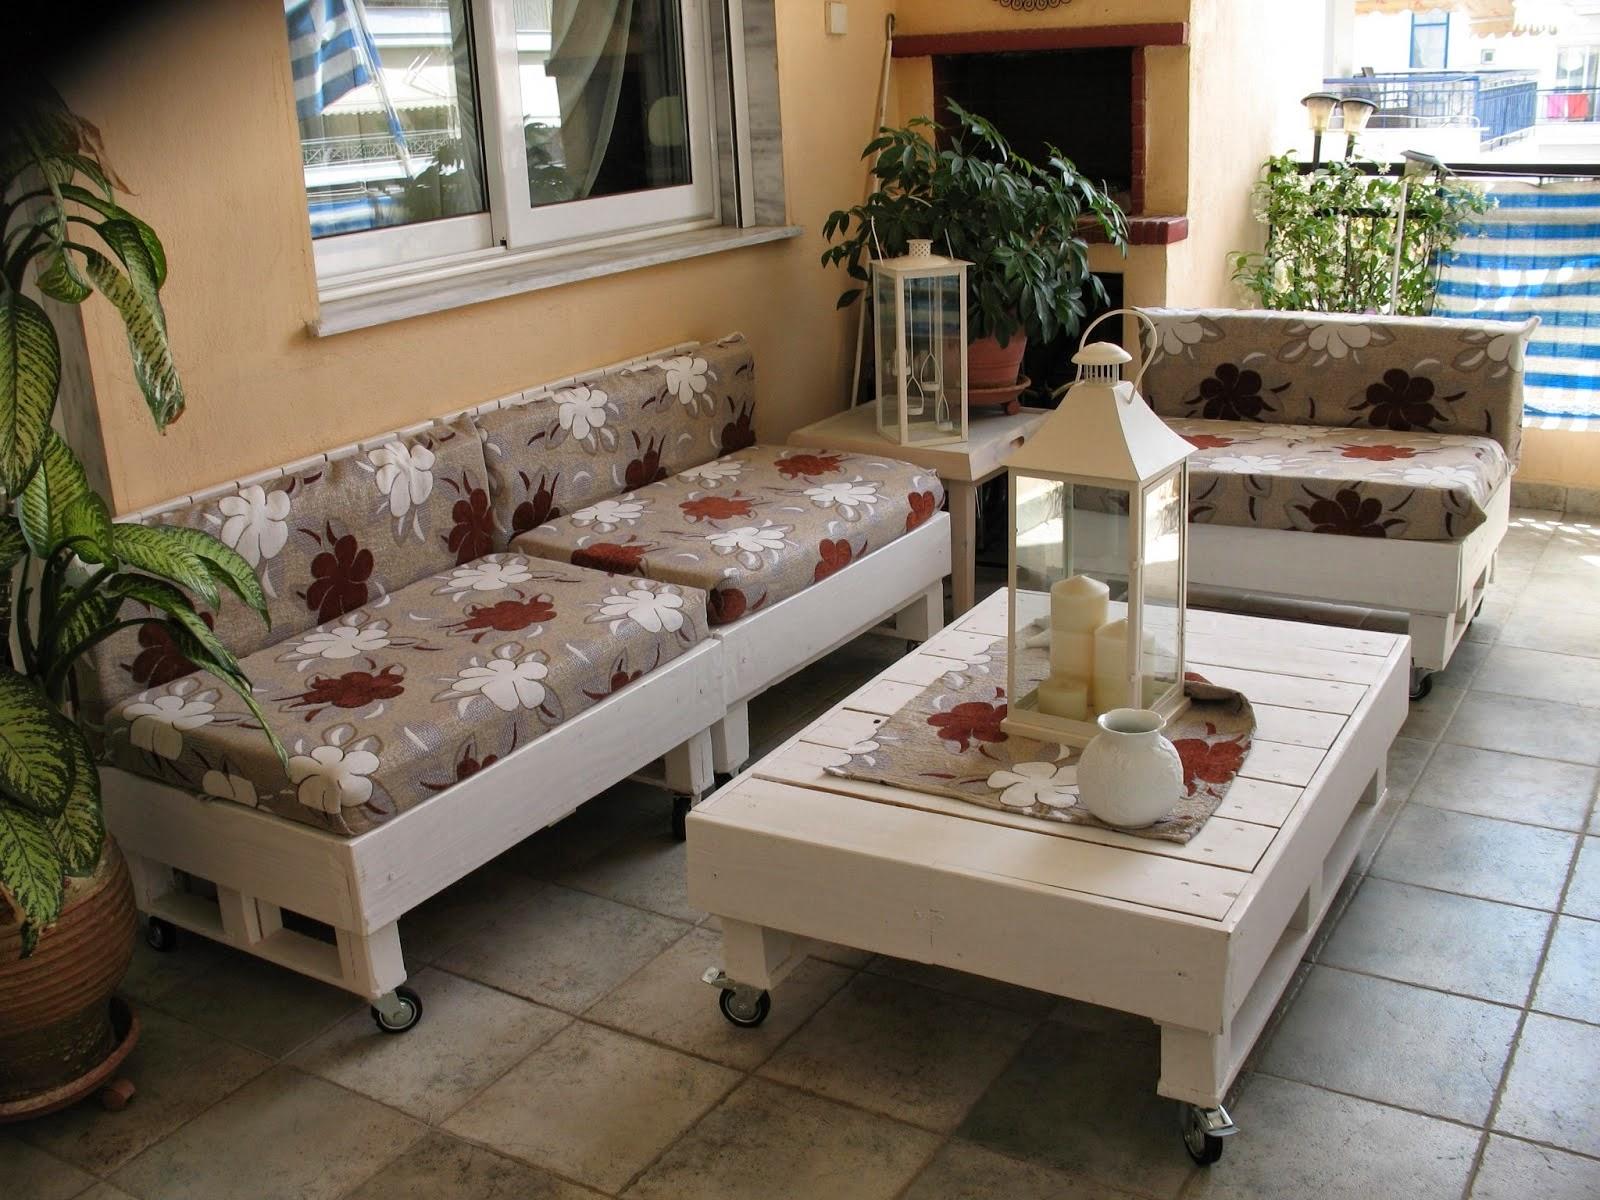 Meubles de palettes pour la terrasse